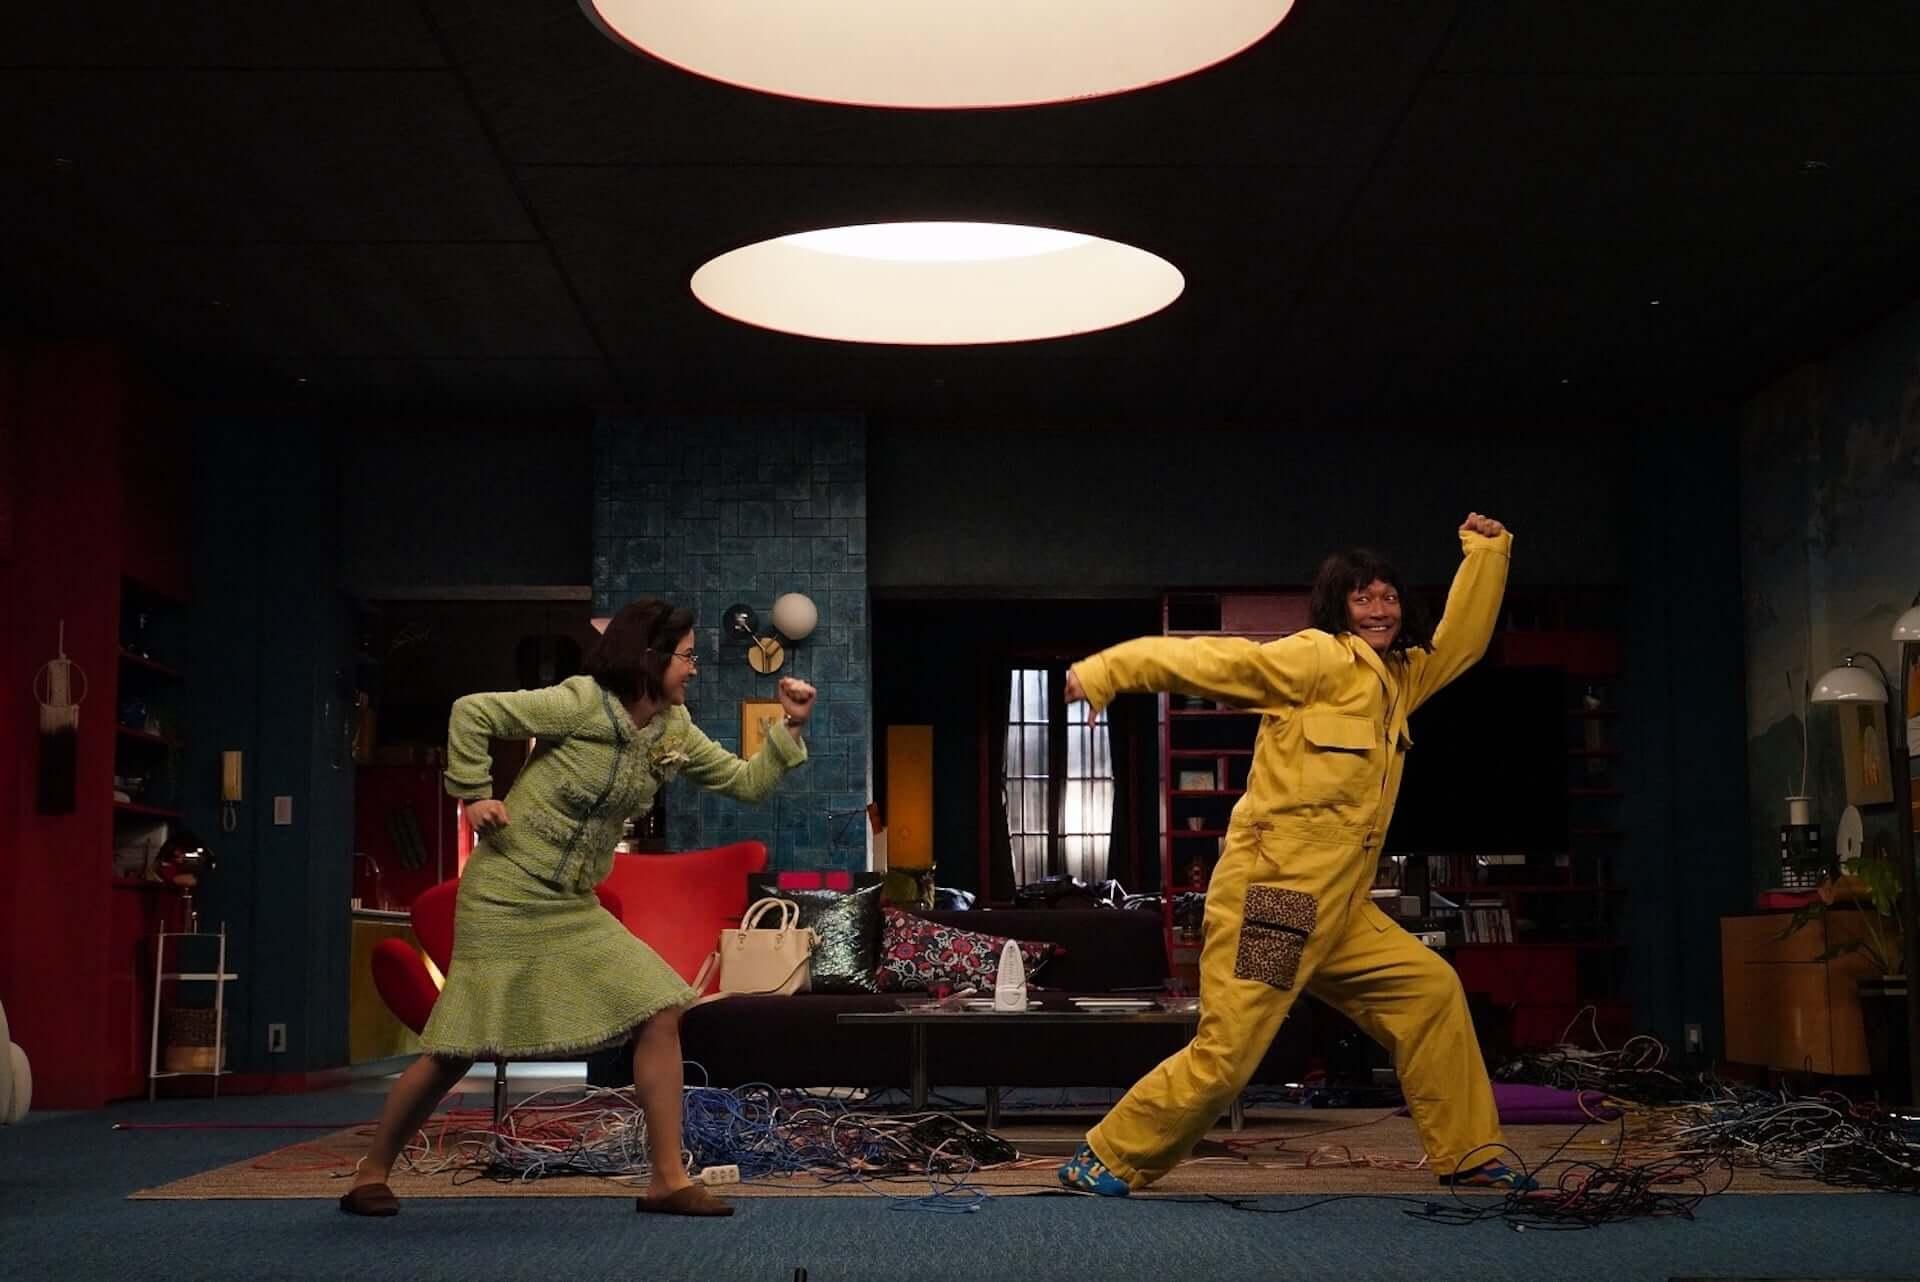 香取慎吾と宮澤エマが撮影裏で即興ダンス!Amazon Prime Video『誰かが、見ている』特別映像が解禁 art200917_darekagamiteiru_2-1920x1282